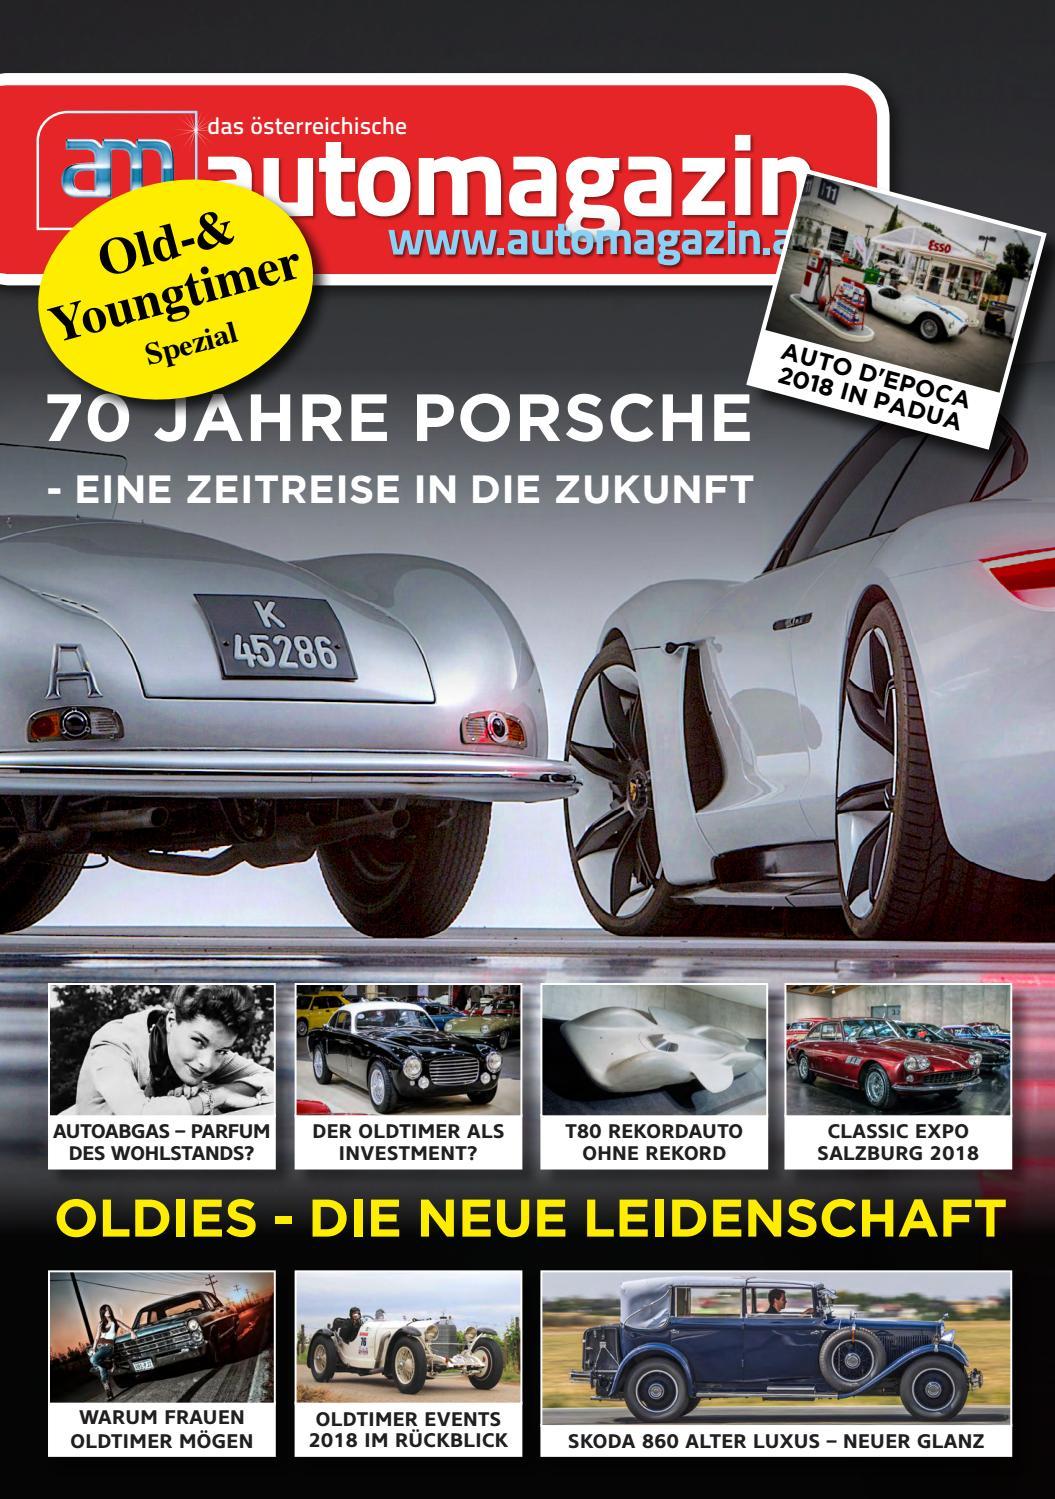 Carrera Exclusiv Vorderachse Hinterachse BMW V12 Neu